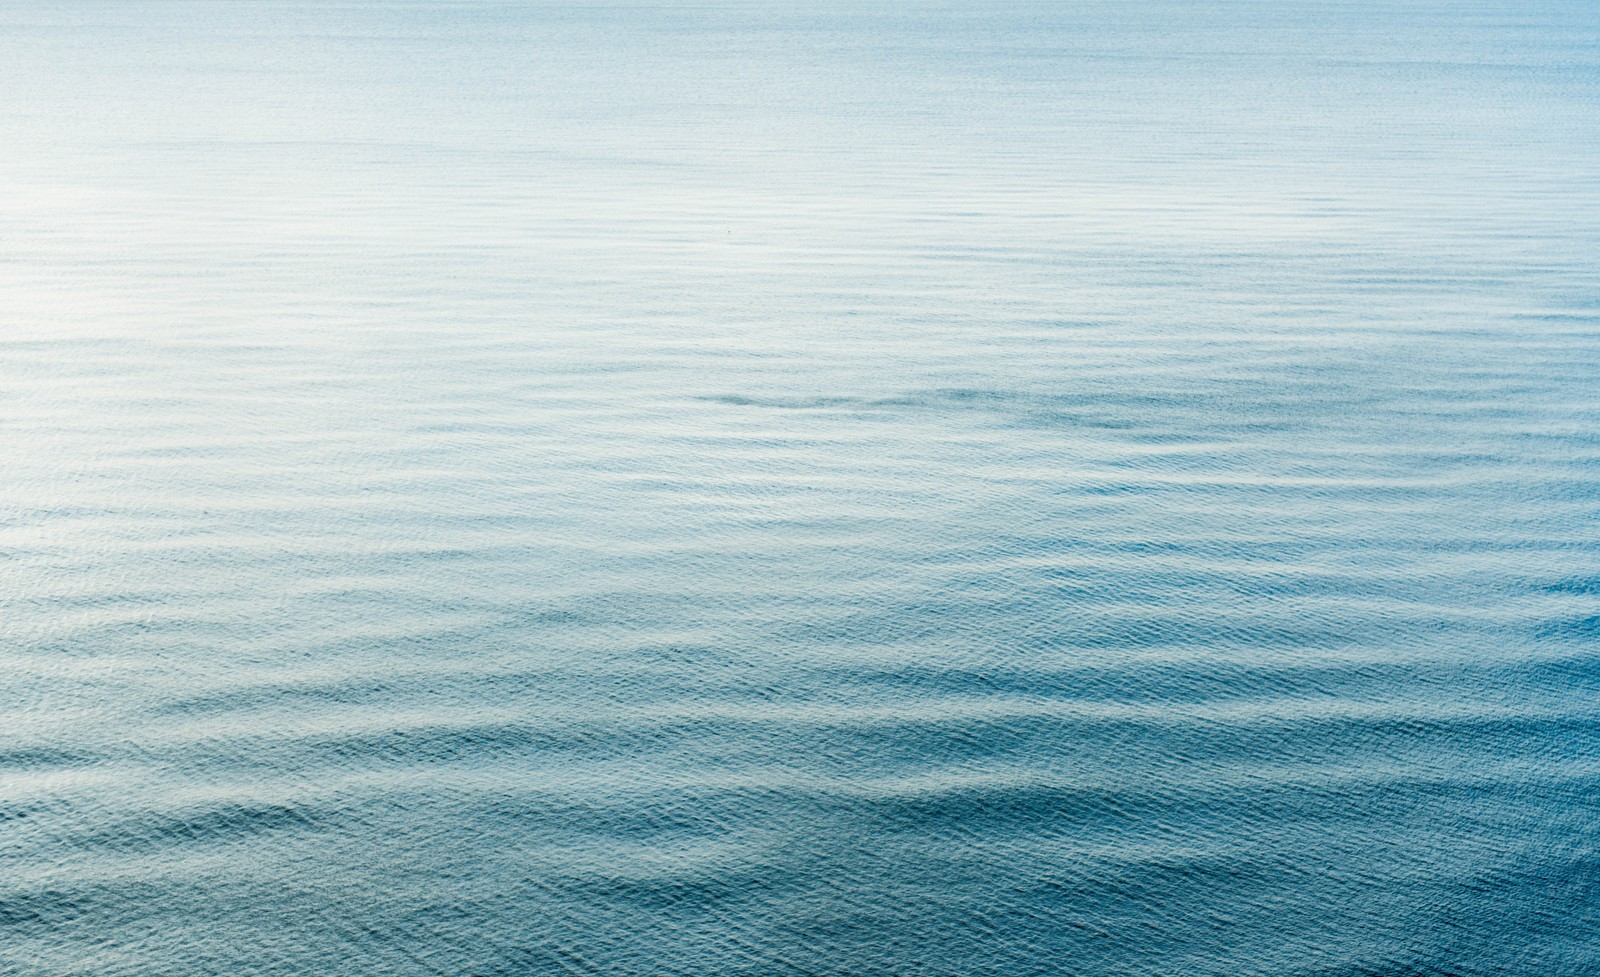 「海の波」の写真